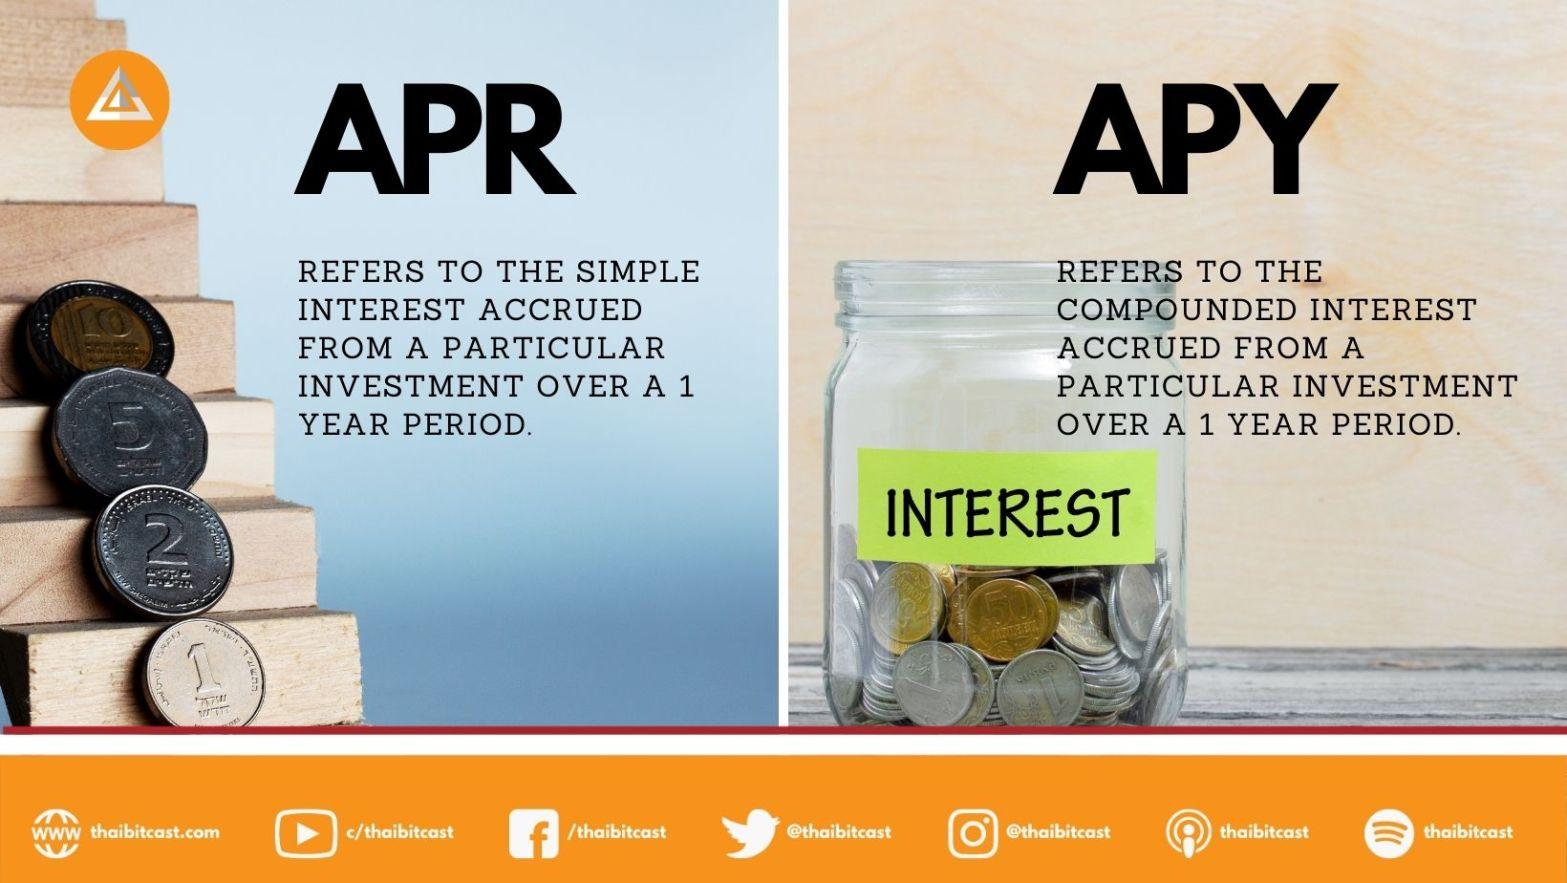 APR กับ APY ต่างกันยังไง